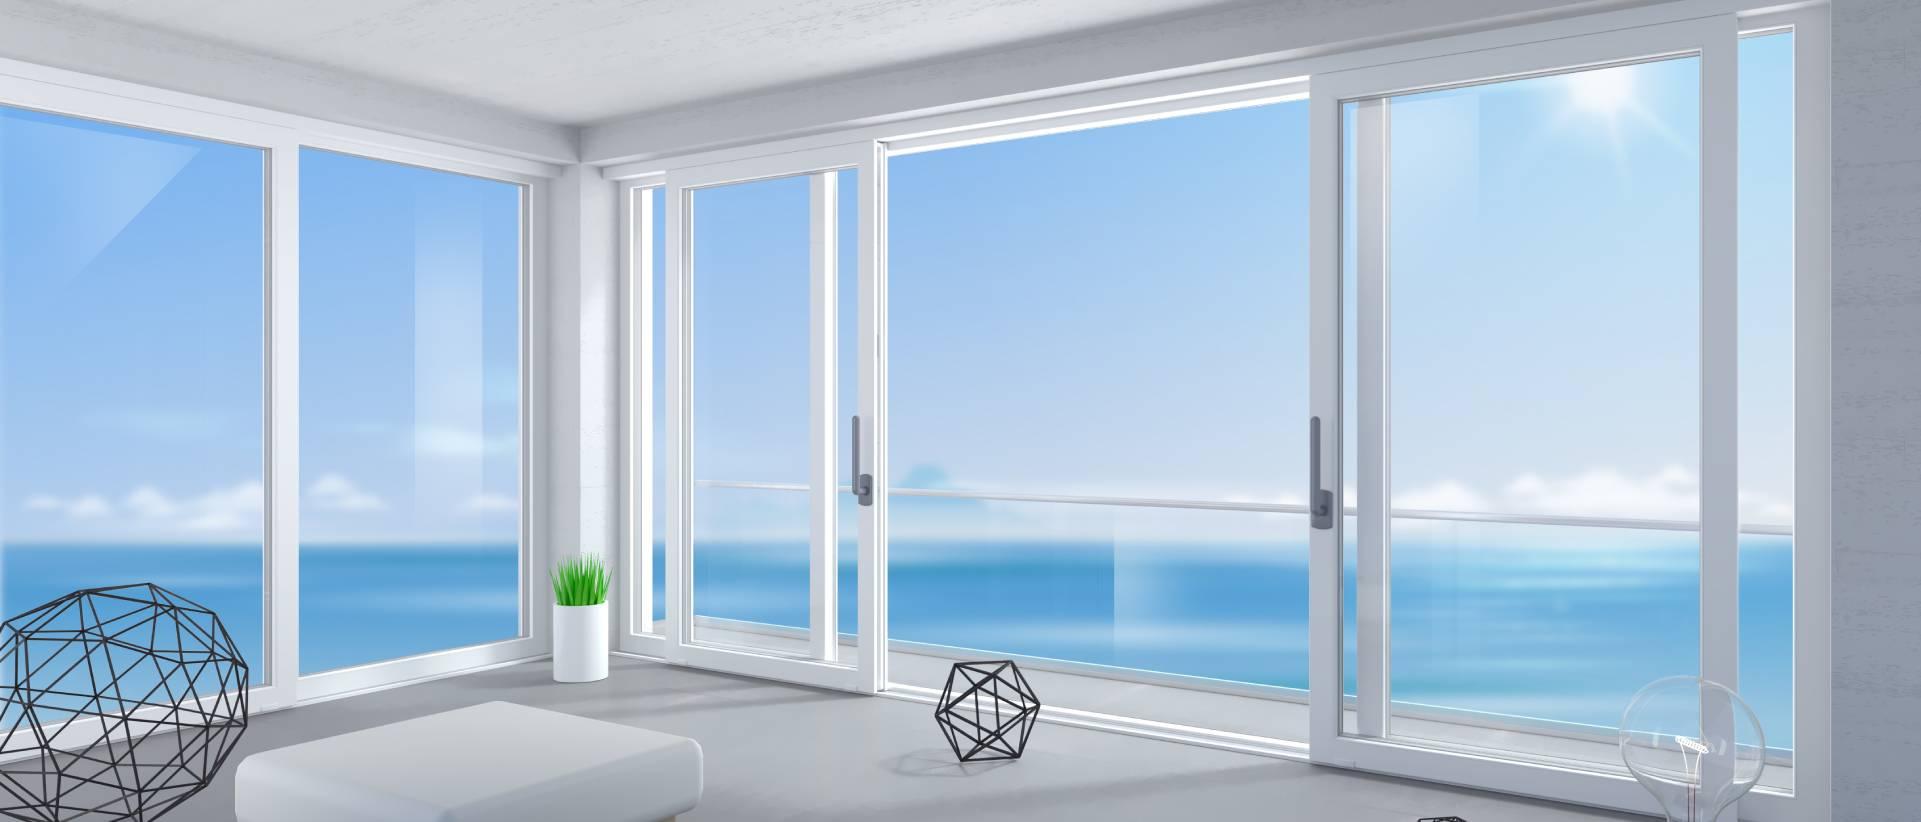 Full Size of Polnische Fenster Online Kaufen Polen Fensterhersteller Suche Fensterbauer Mit Montage Polnischefenster 24 Erfahrungen Fensterwelten Firma Rolladen Fenster Polnische Fenster